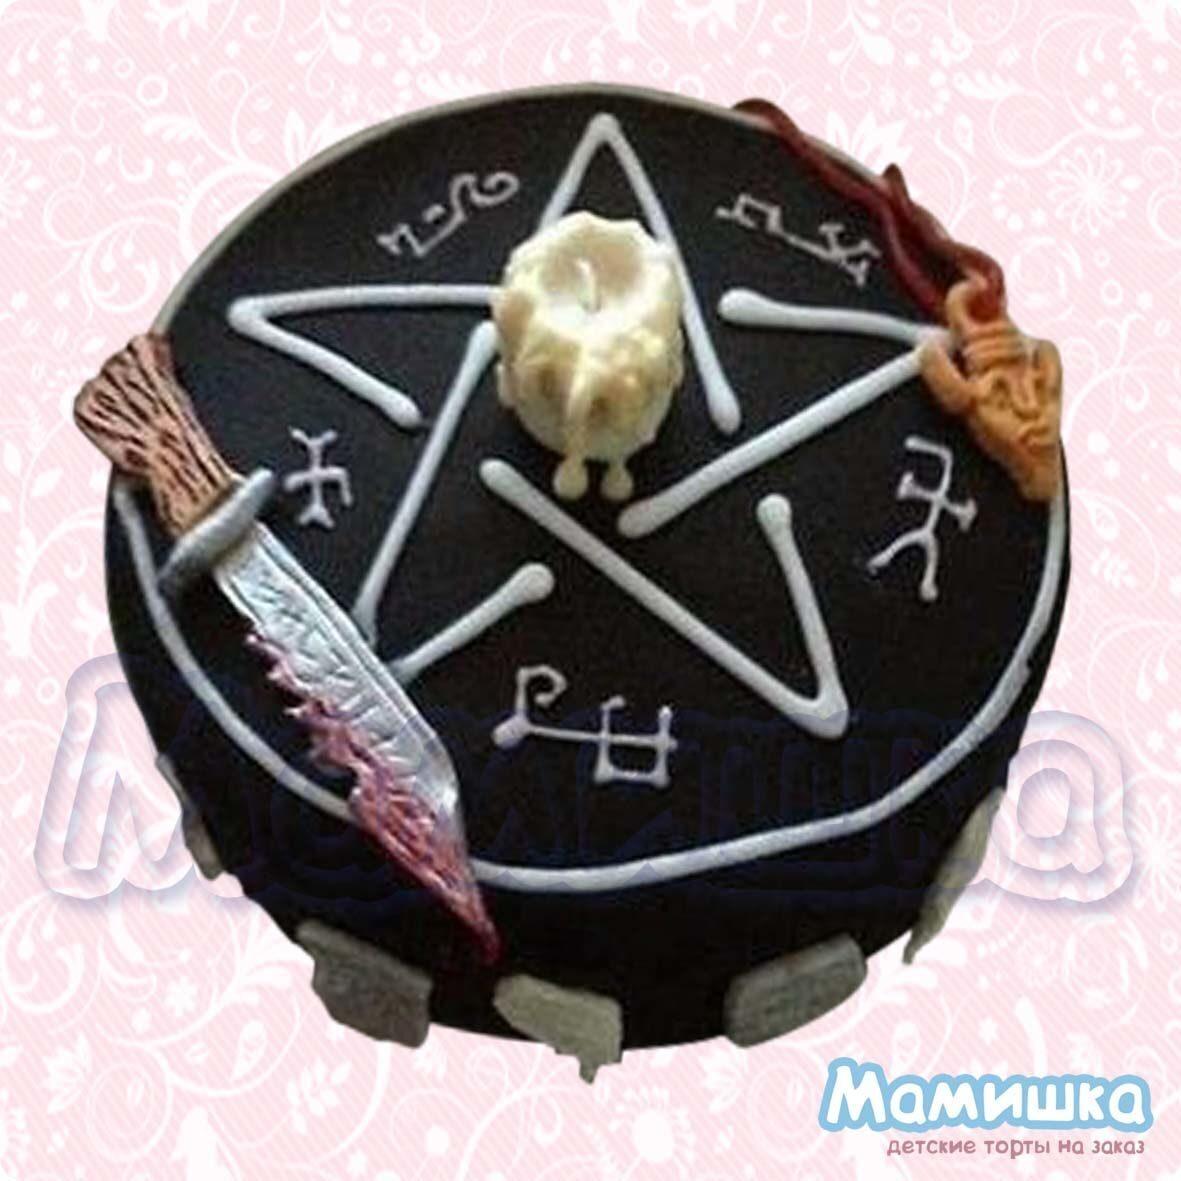 Торт наполеон на уксусе фото 9